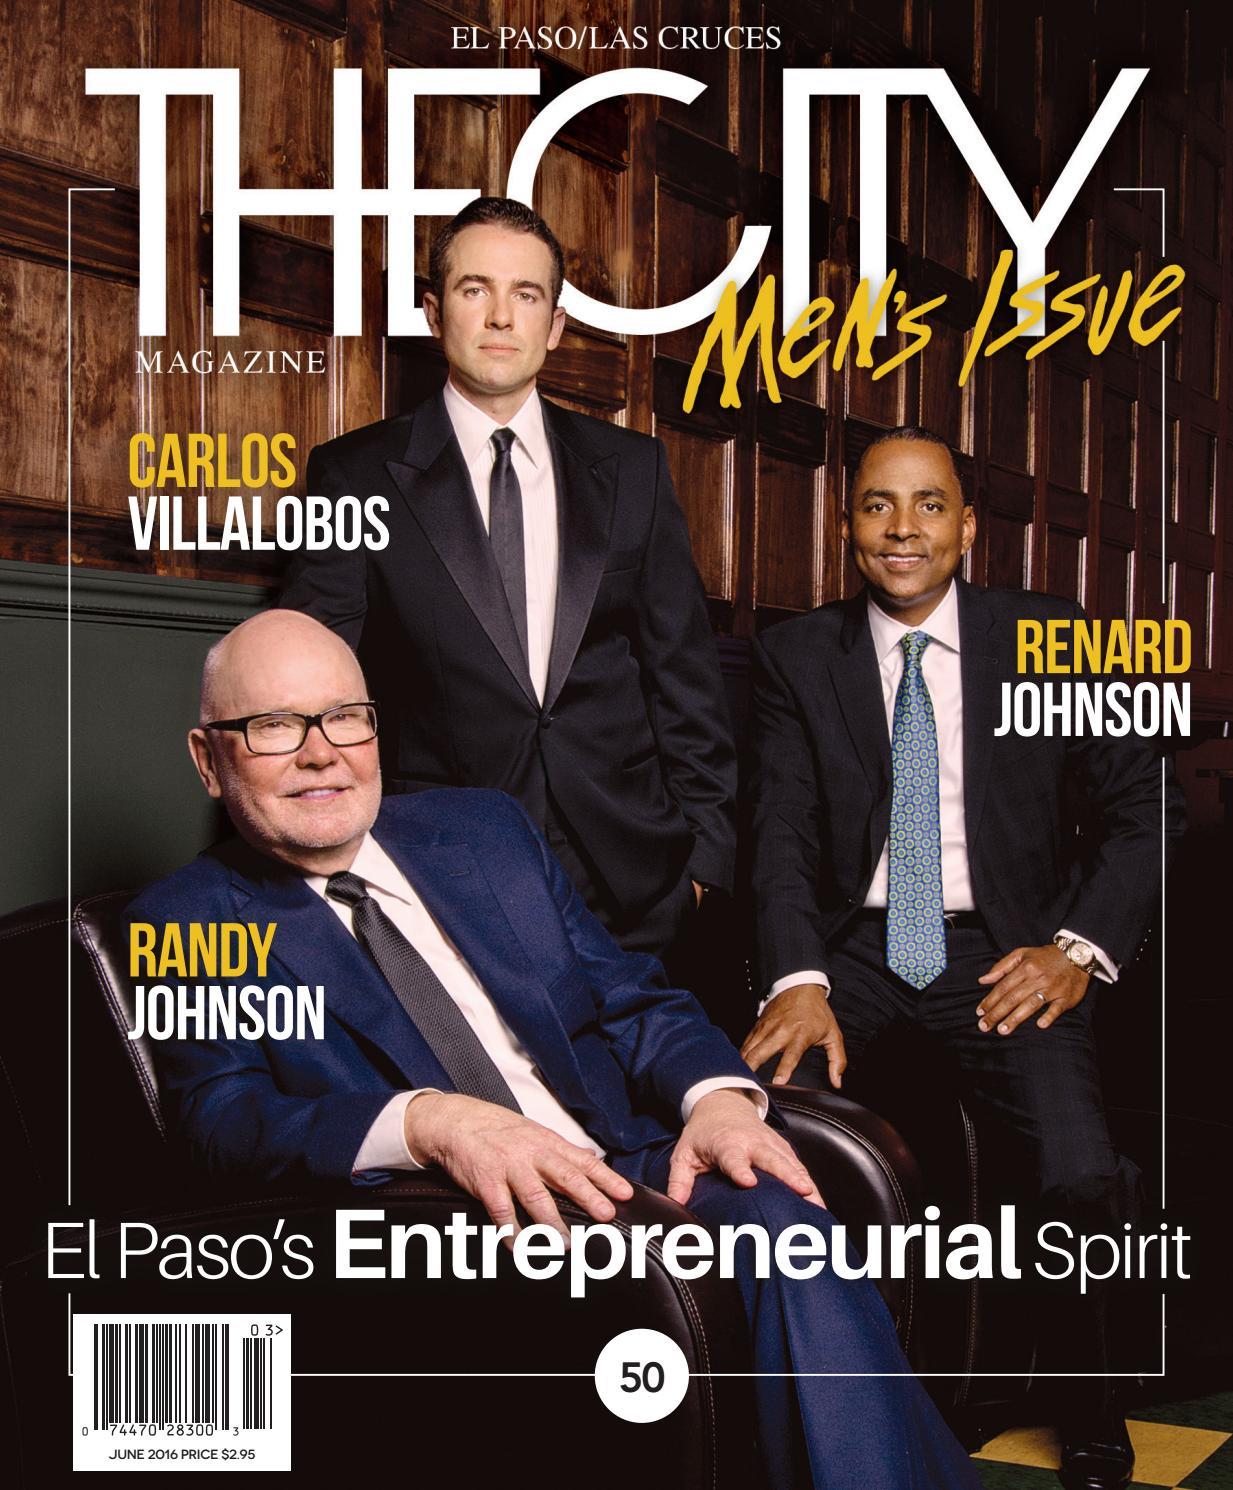 thecity magazine el paso june 2016 by thecity magazine el paso las